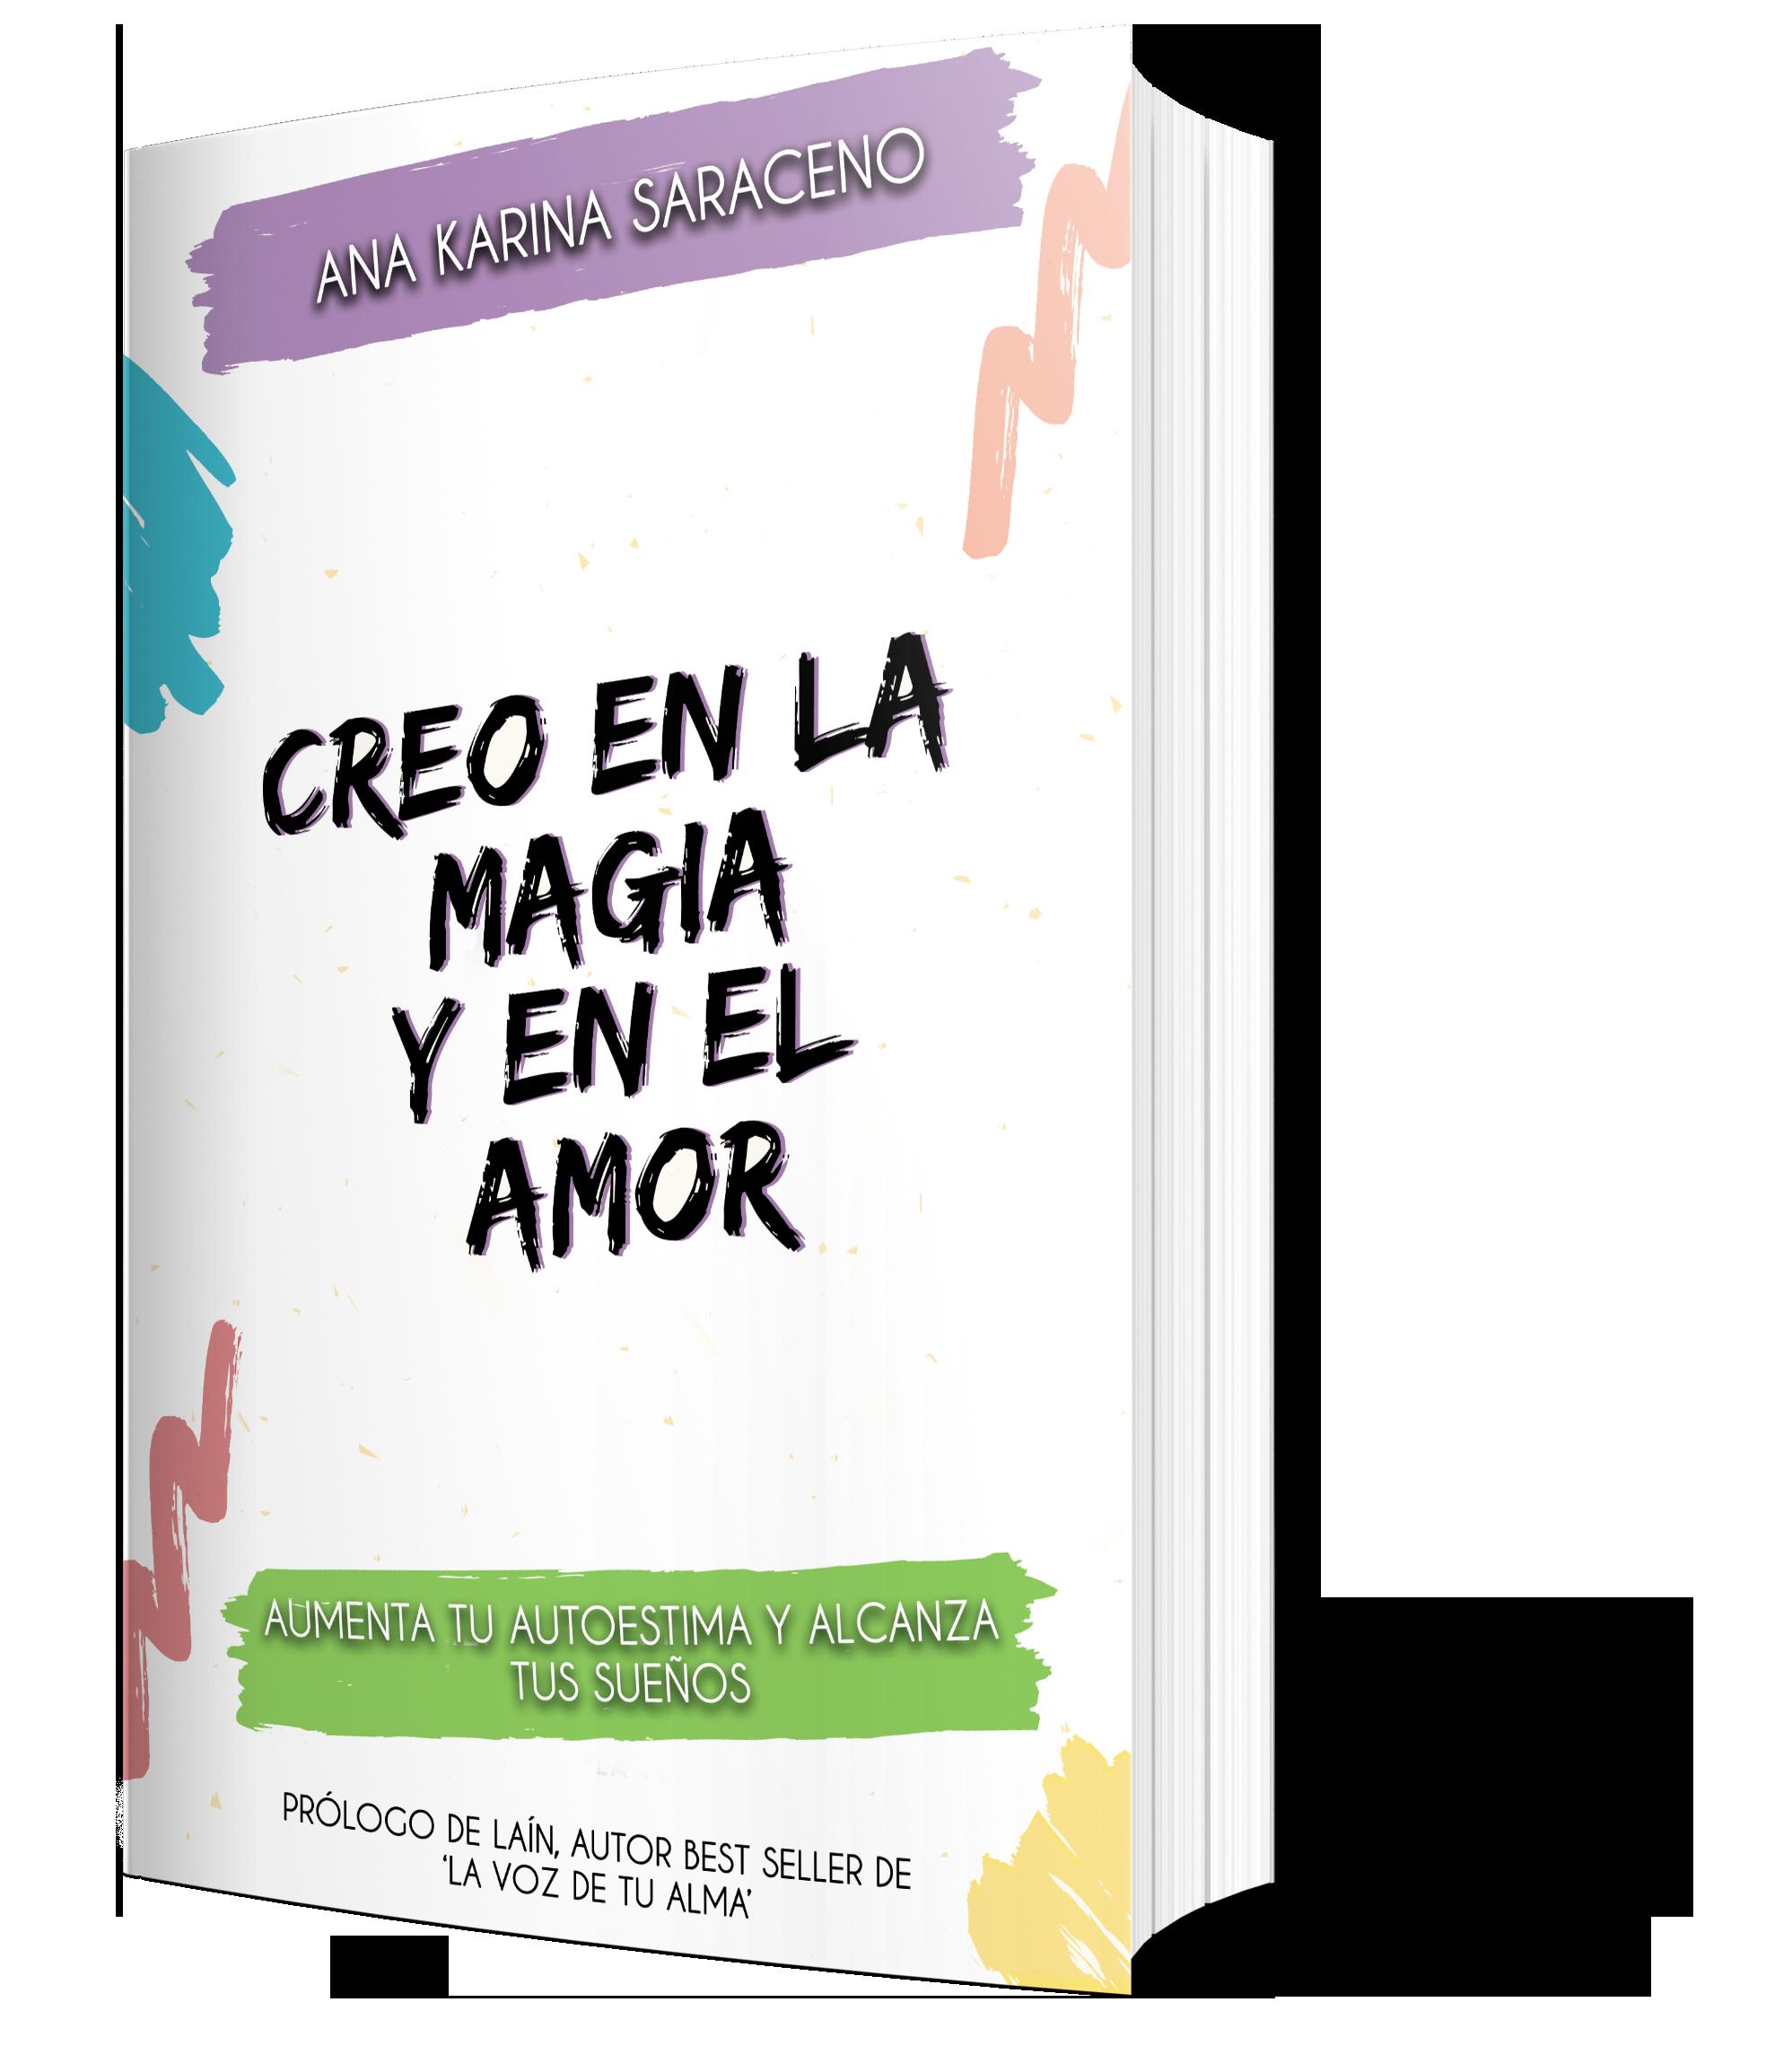 LIBRO CREO EN LA MAGIA Y EN EL AMOR